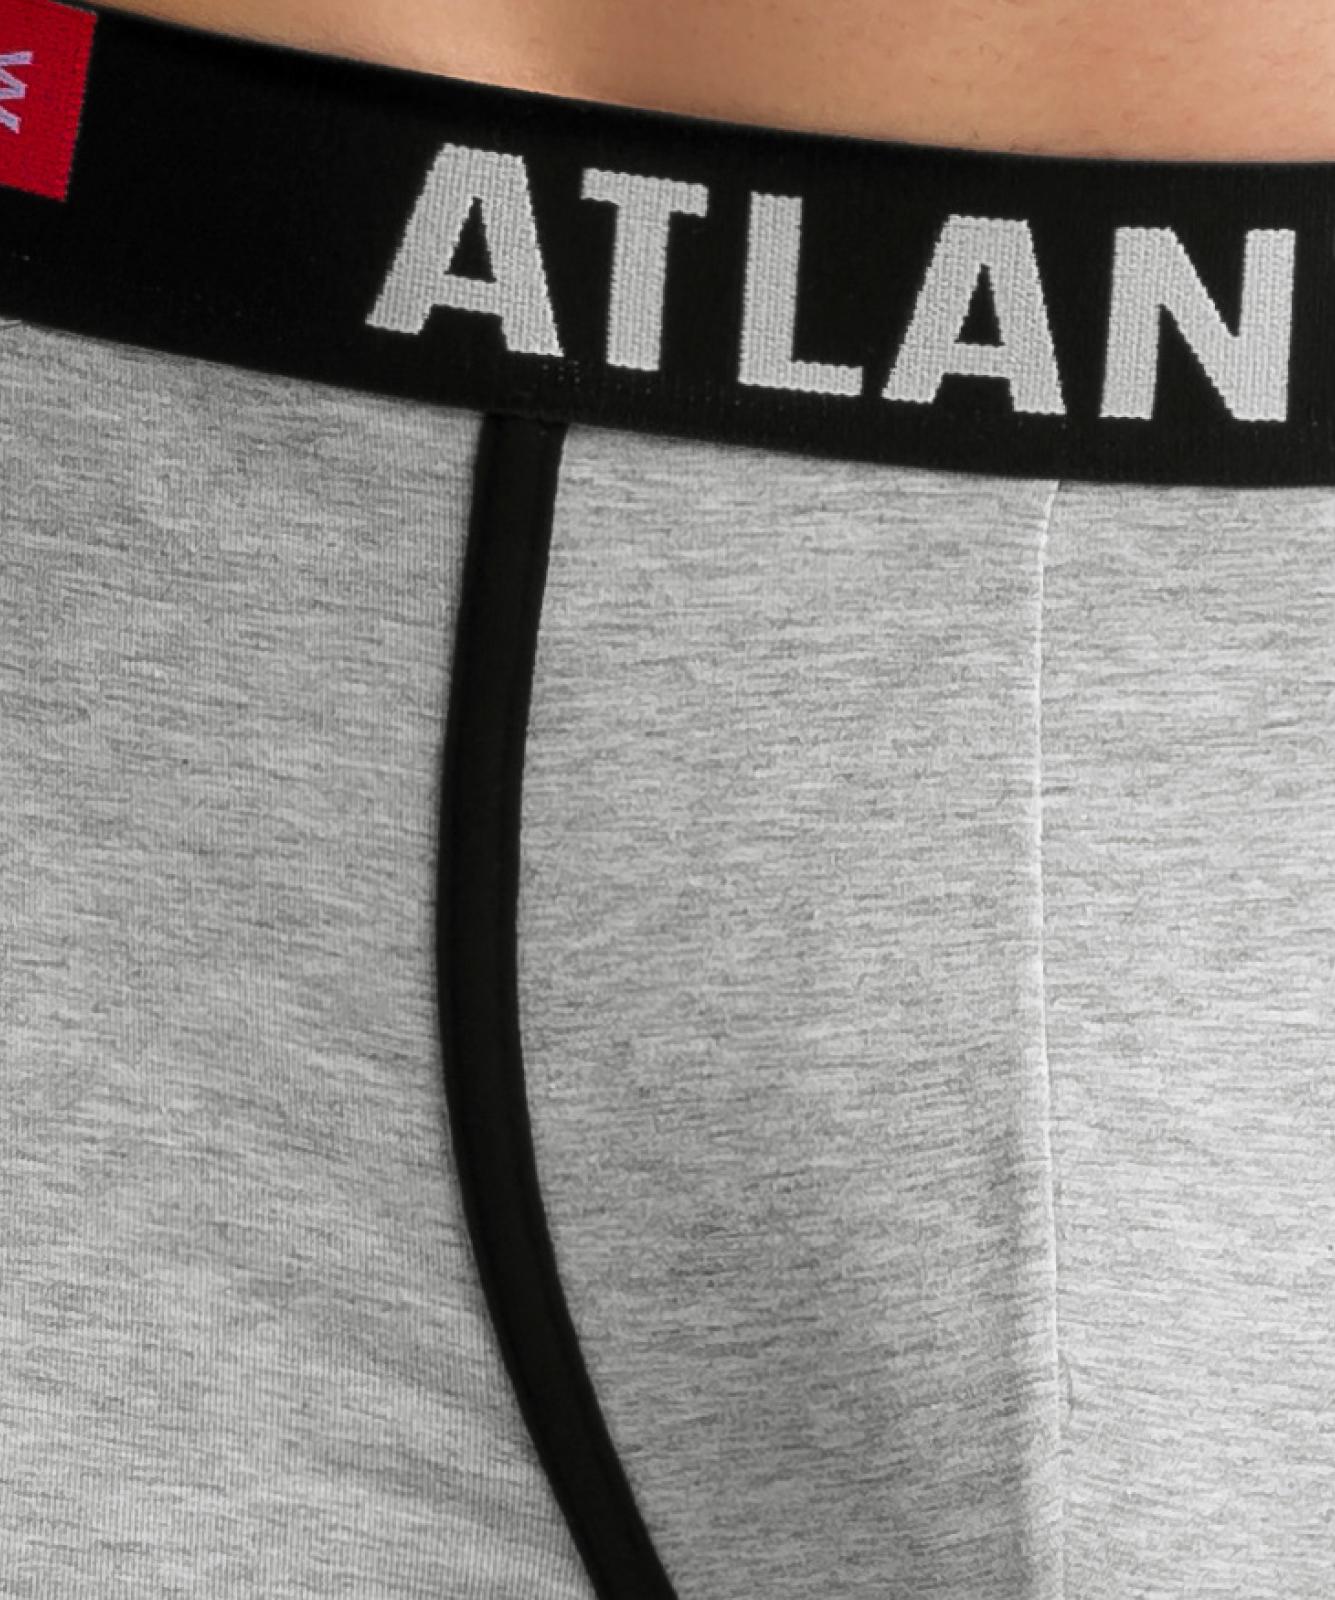 Мужские трусы шорты Atlantic, набор из 3 шт., хлопок, черные + деним + серый меланж, 3SMH-002